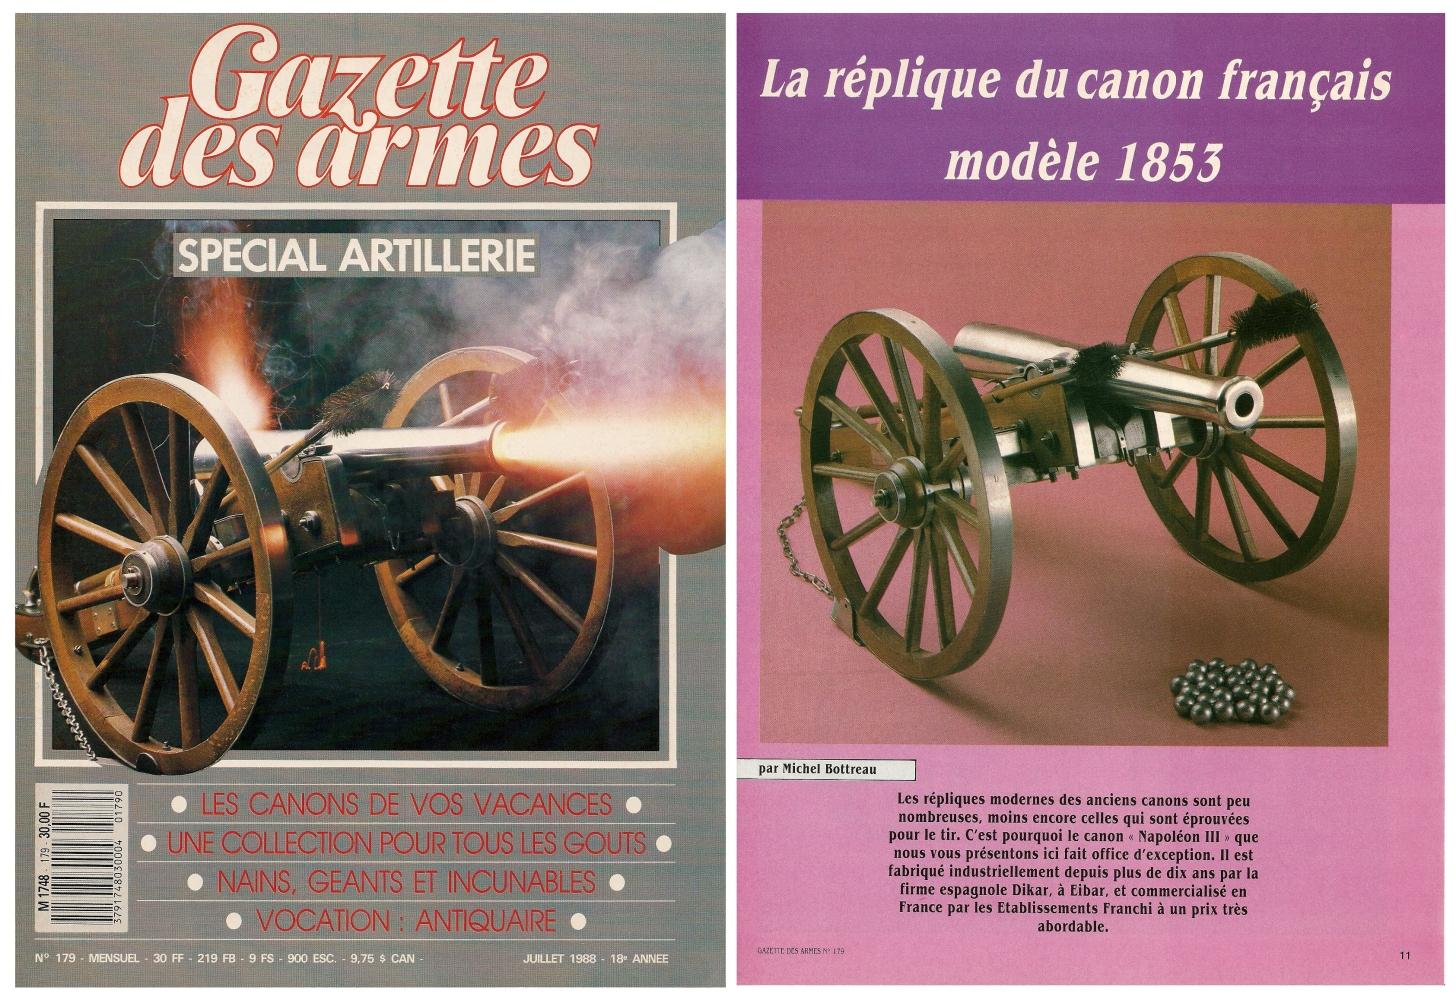 Le banc d'essai de la réplique du canon français modèle 1853 a été publié sur 6 pages dans le magazine Gazette des Armes n°179 (juillet 1988).